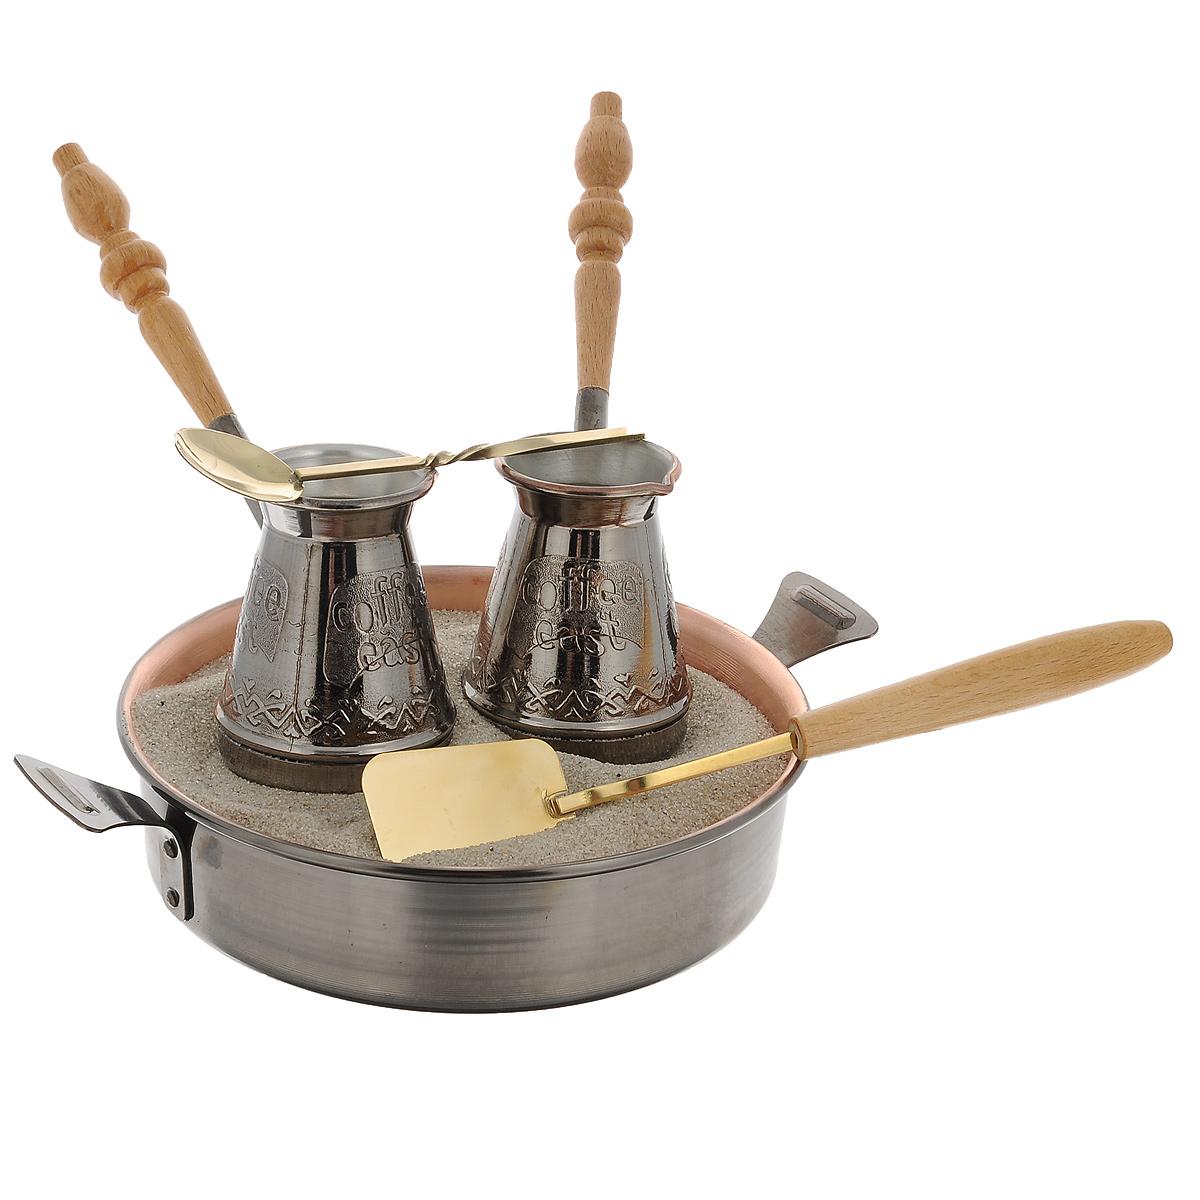 Набор турецкий Станица Тет-а-Тет, 6 предметовКО-26003Приготовление кофе по-восточному на песке - одна из древнейших традиций в истории кофе. Сегодня она вновь обретает все большую популярность во всем мире. Турецкий набор Станица Тет-а-Тет предназначен для приготовления кофе на песке. В набор входит все необходимое для приготовления: две медные турки, песок, ложка кофейная, лопатка для песка и жаровня. Кофе по-восточному можно приготовить в домашних условиях, как на газовой, так и на электрической или керамической плите. Сваренный таким образом кофе обладает особым неповторимым вкусом, а также увлекает зрелищностью процесса приготовления. Объем турки: 180 мл. Диаметр турки: 6,5 см. Длина ложки: 19 см. Длина лопатки: 24 см. Диаметр жаровни: 19 см. Длина жаровни (с учетом ручек): 26 см. Высота стенки: 5 см.